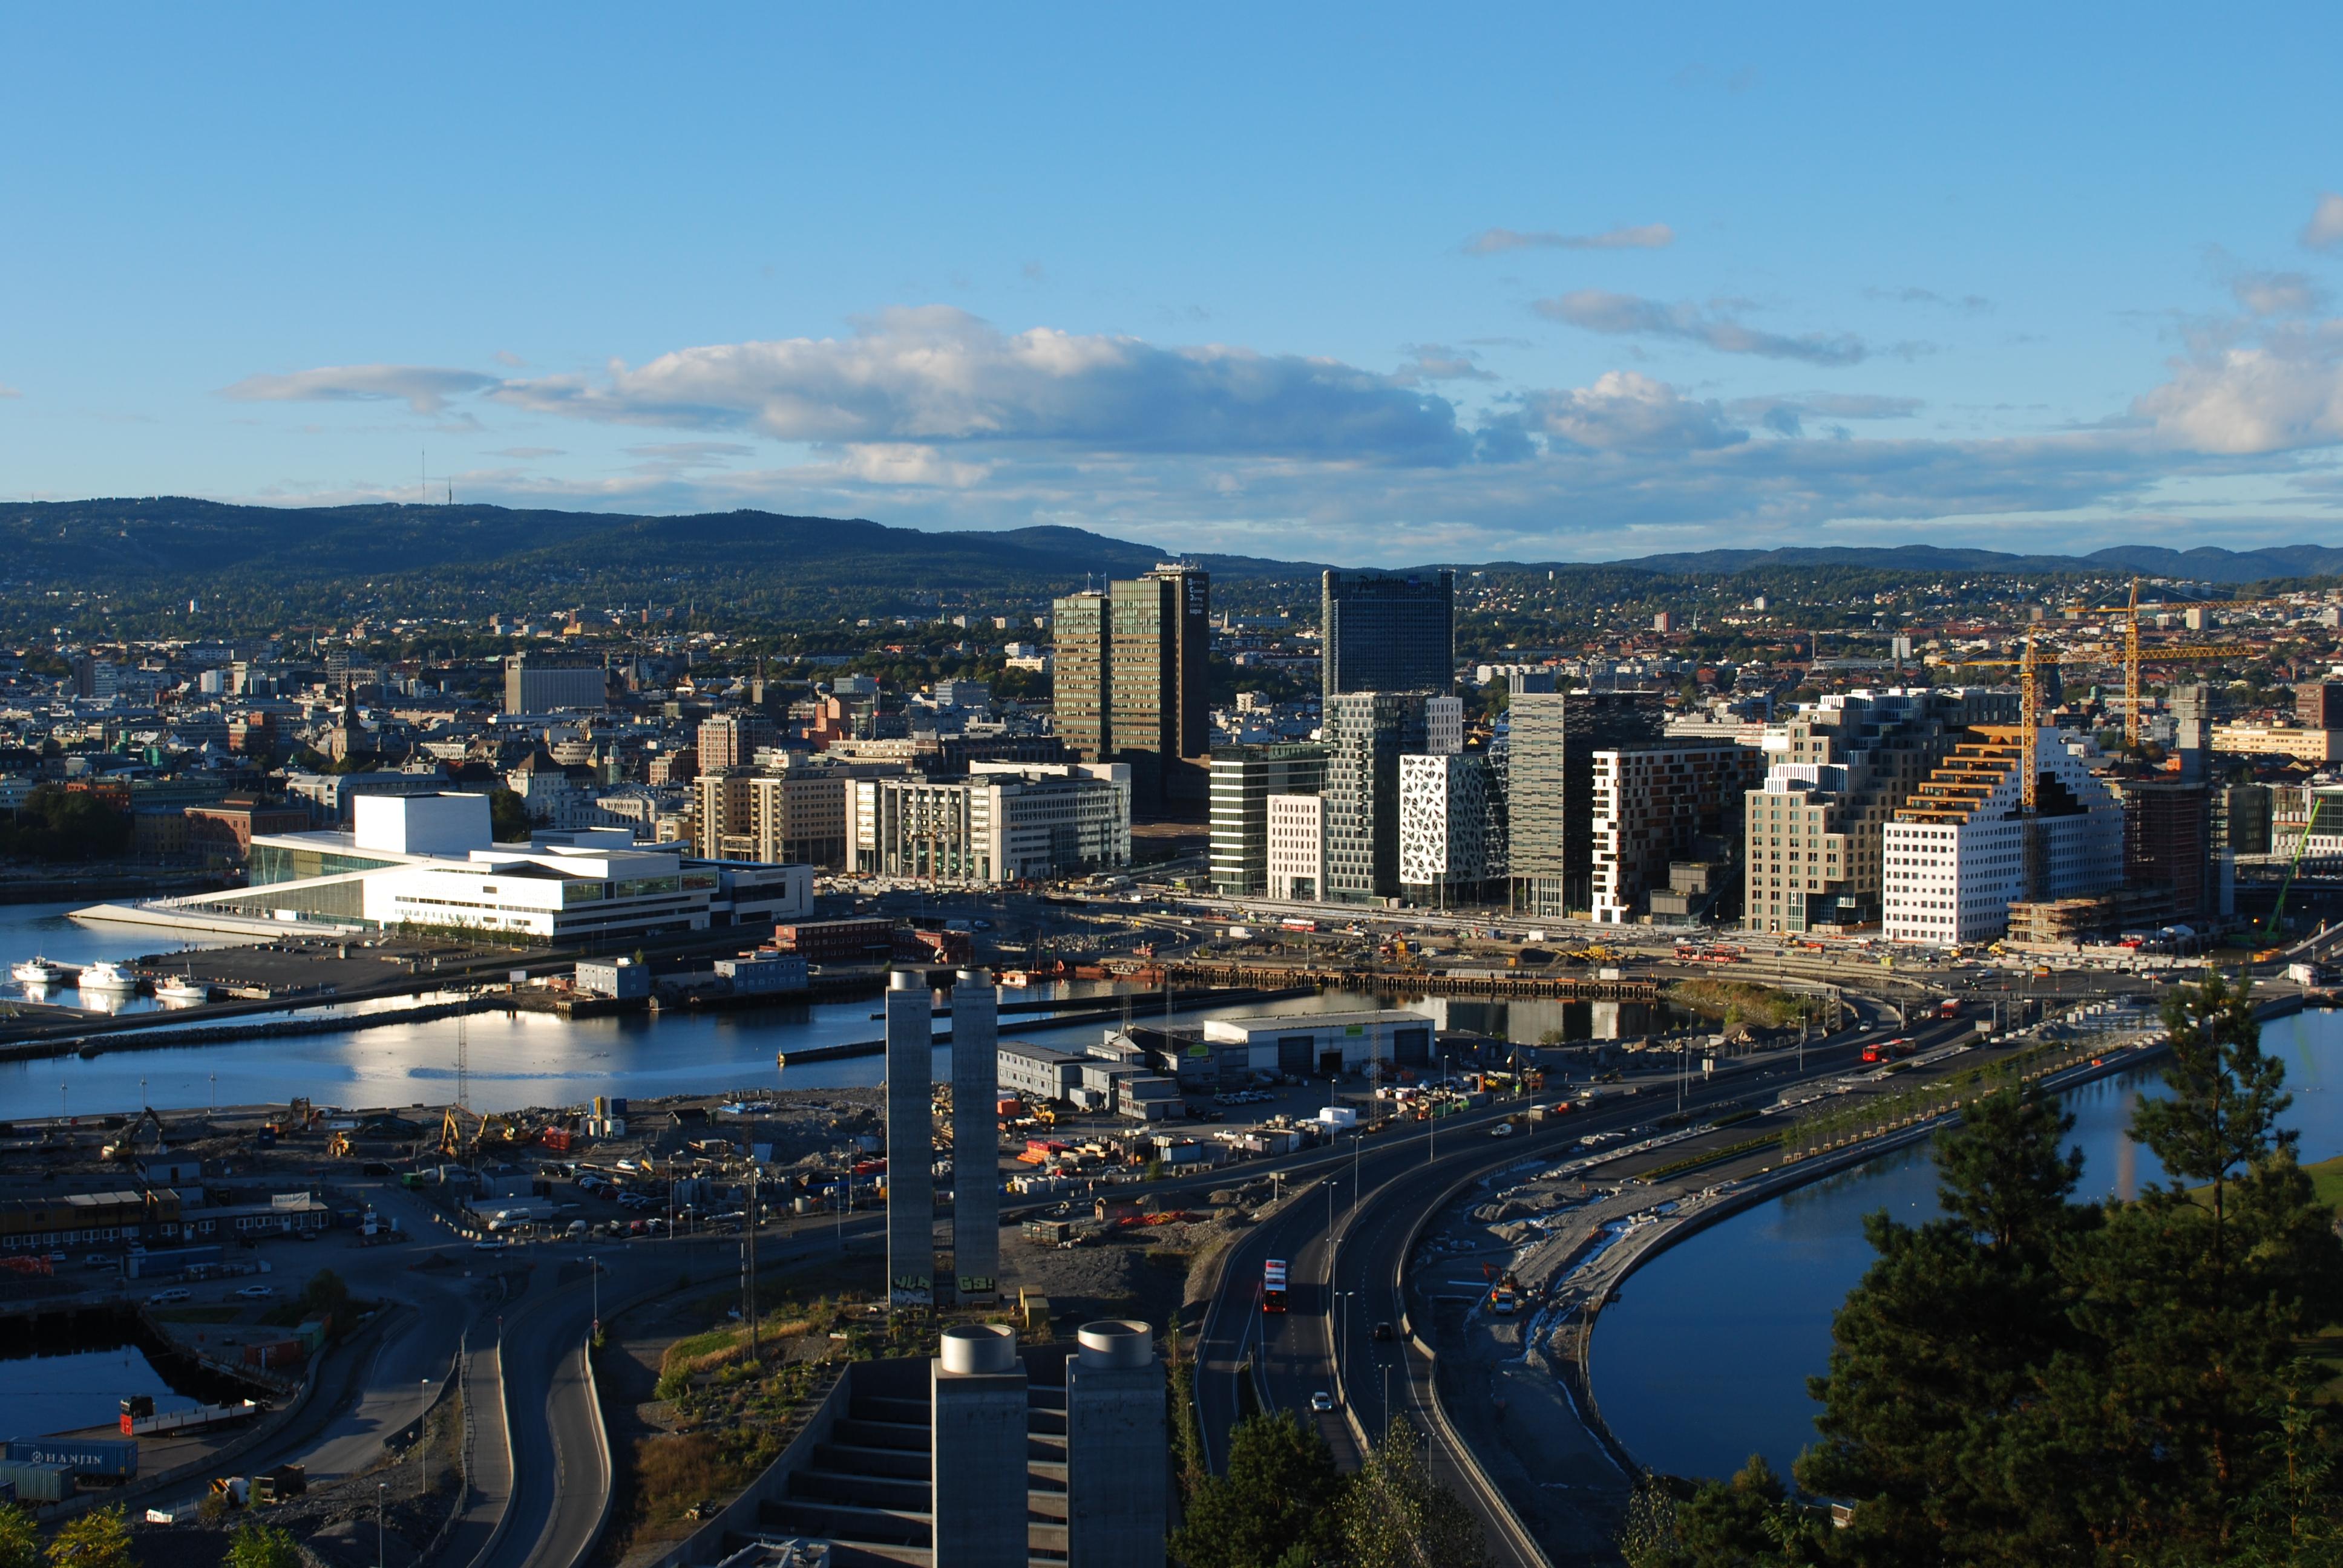 Una imagen de la capital Noruega